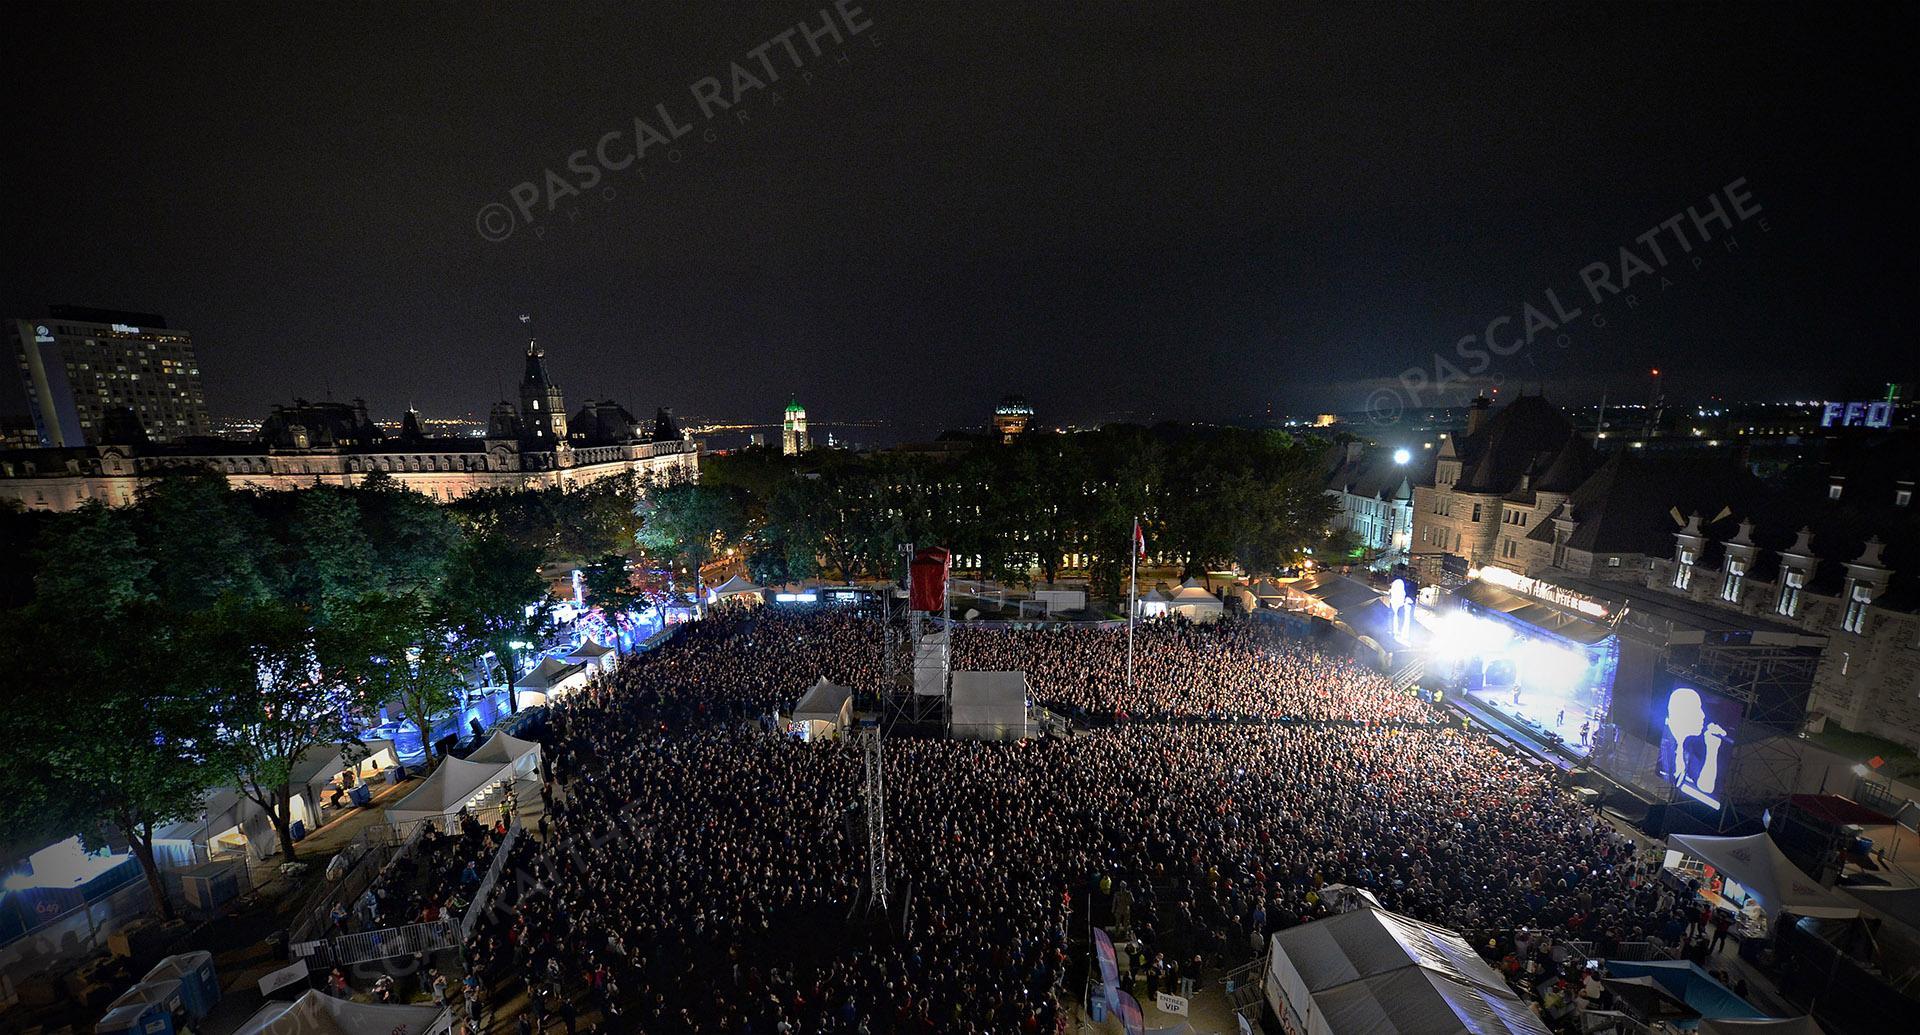 festival d'été 2019 la foule a place Goerge V